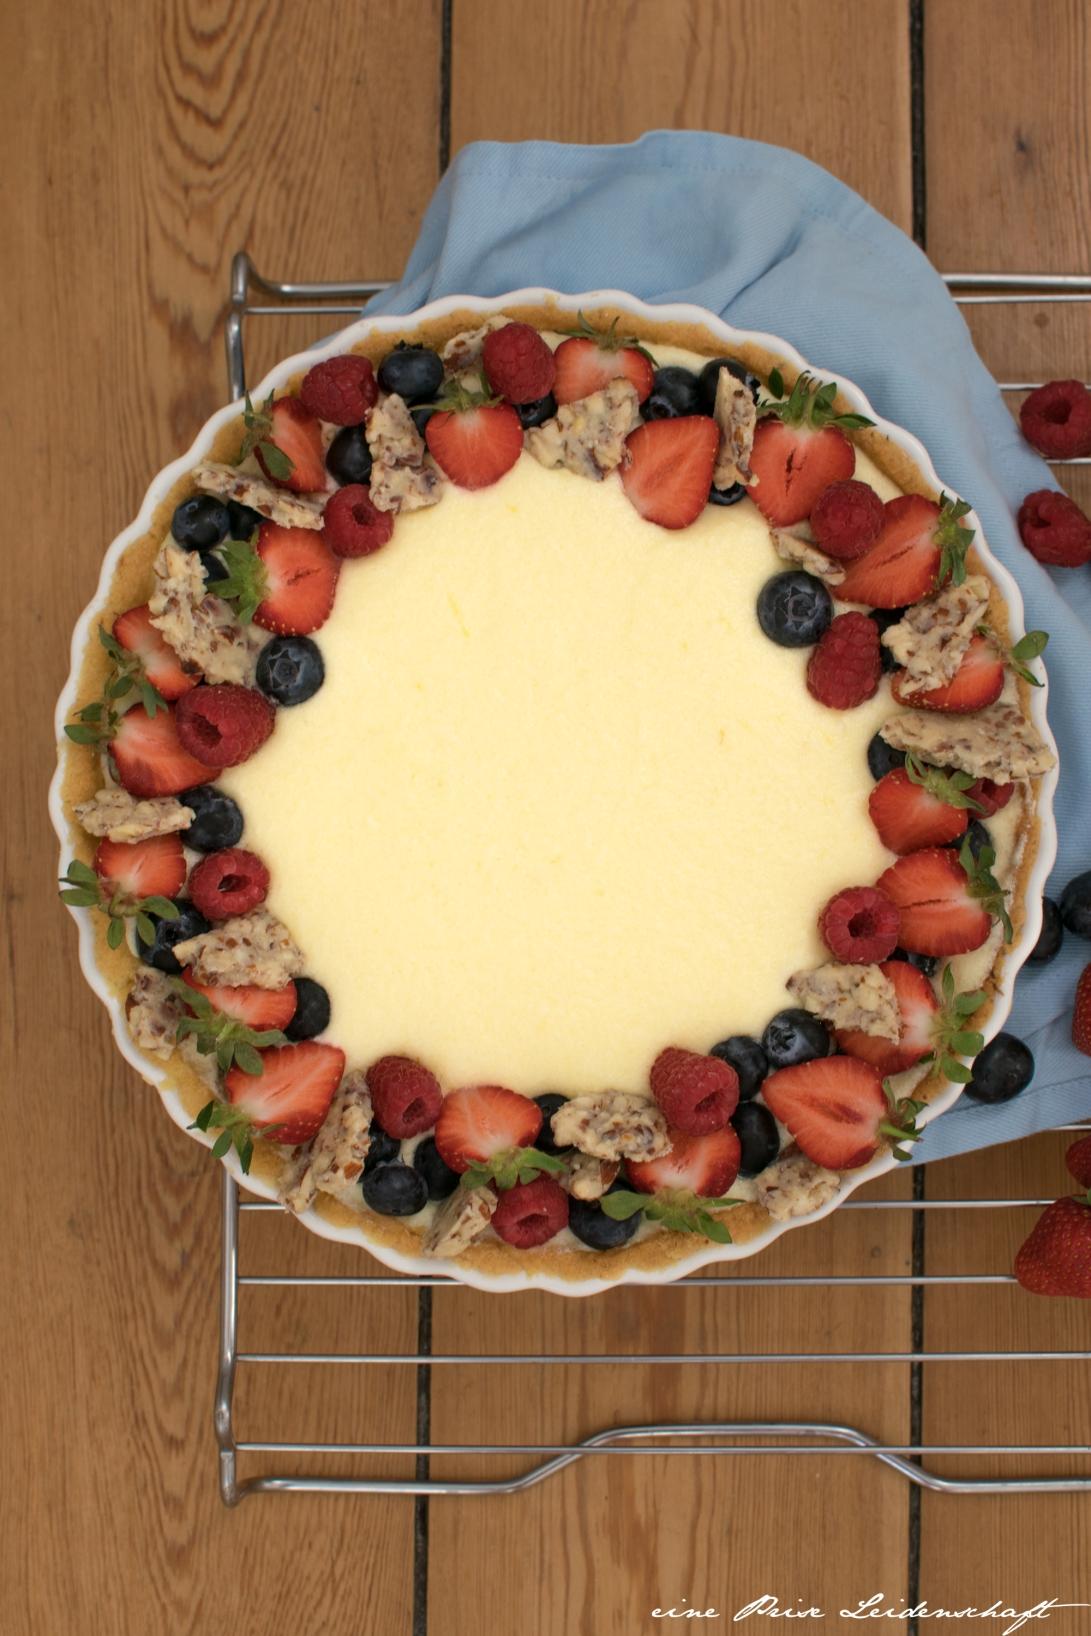 Zitronentarte mit Rhabarber und Erdbeeren mit Logo